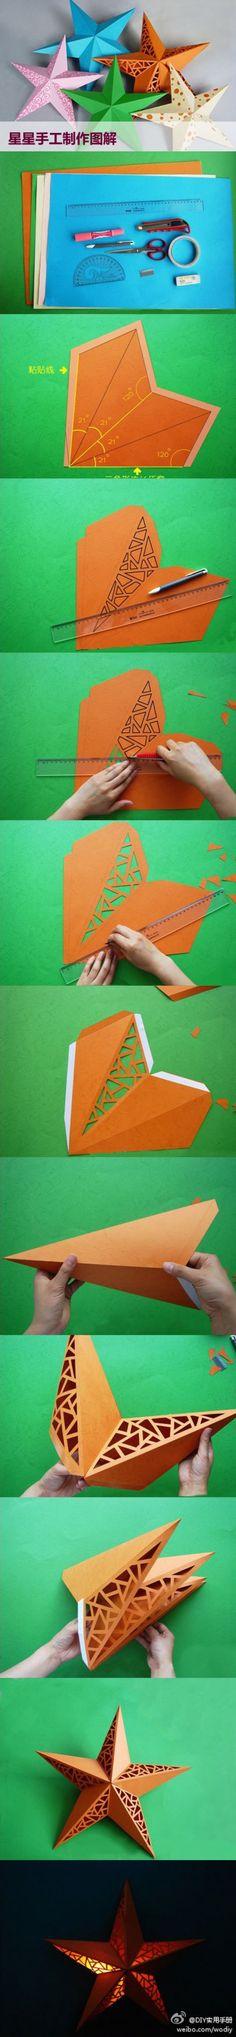 漂亮的纸手工制作:很漂亮的星星